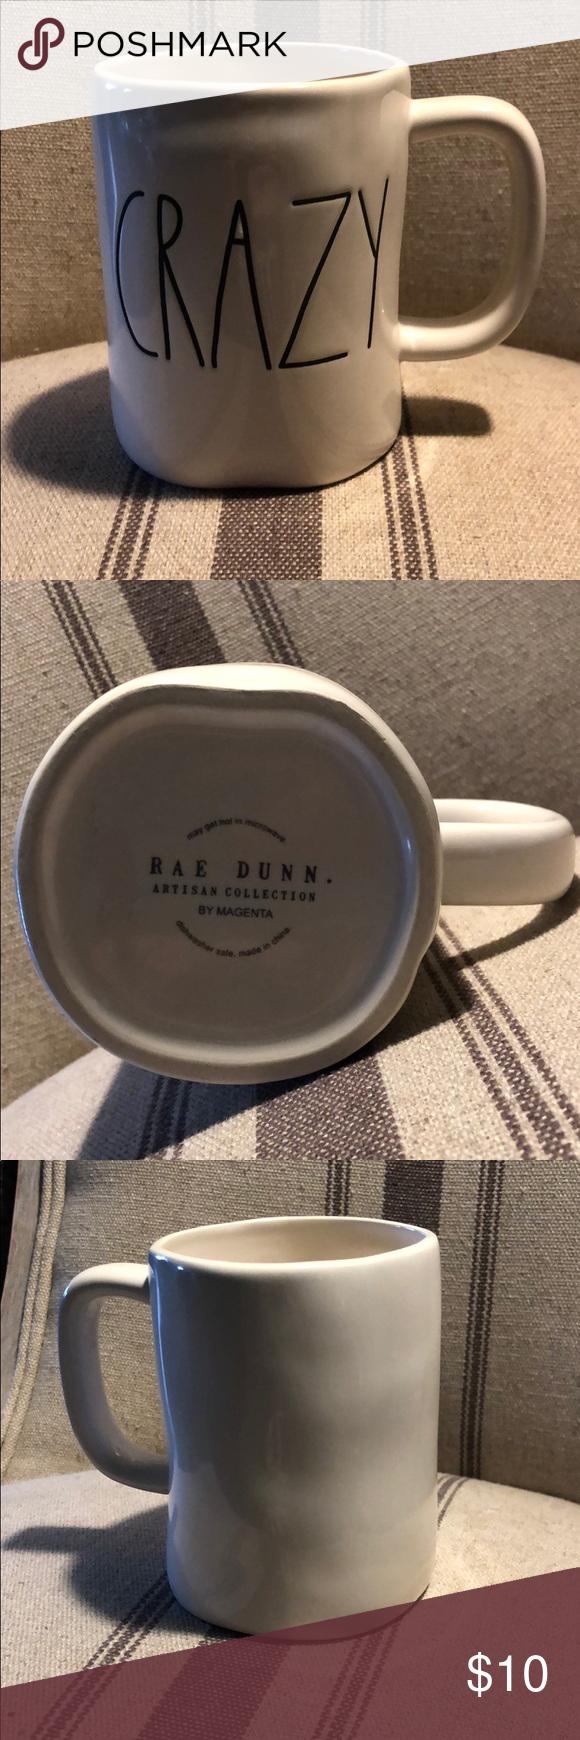 Rae Dunn CRAZY Mug Rae Dunn CRAZY Mug.  Displayed only. Smoke/pet free home. Rae Dunn Accents Decor #mugdisplay